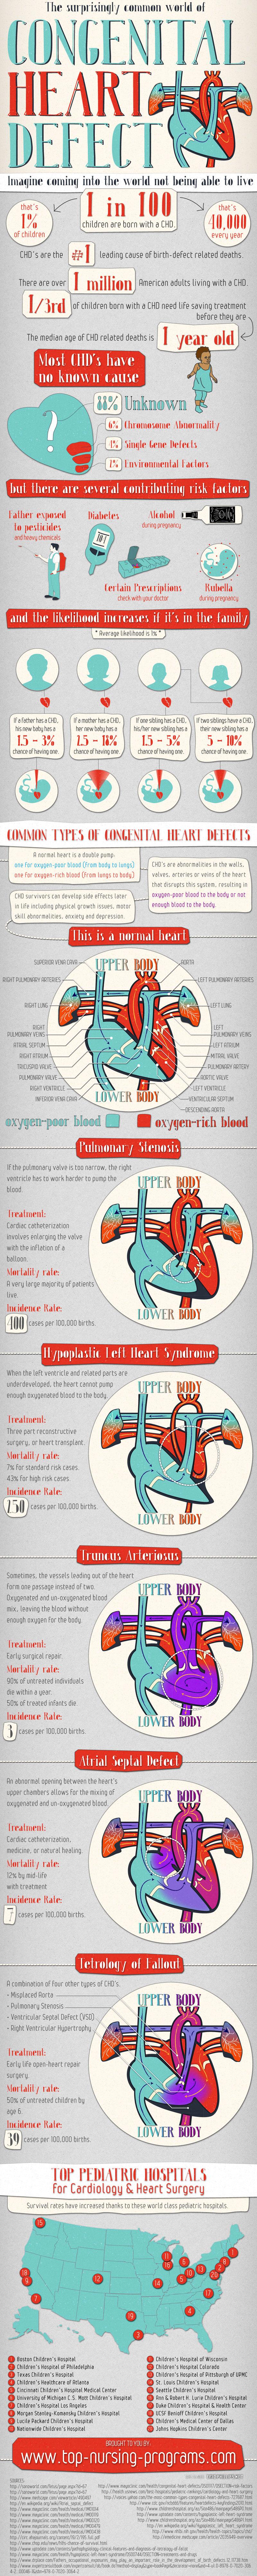 congenital-heart-defect